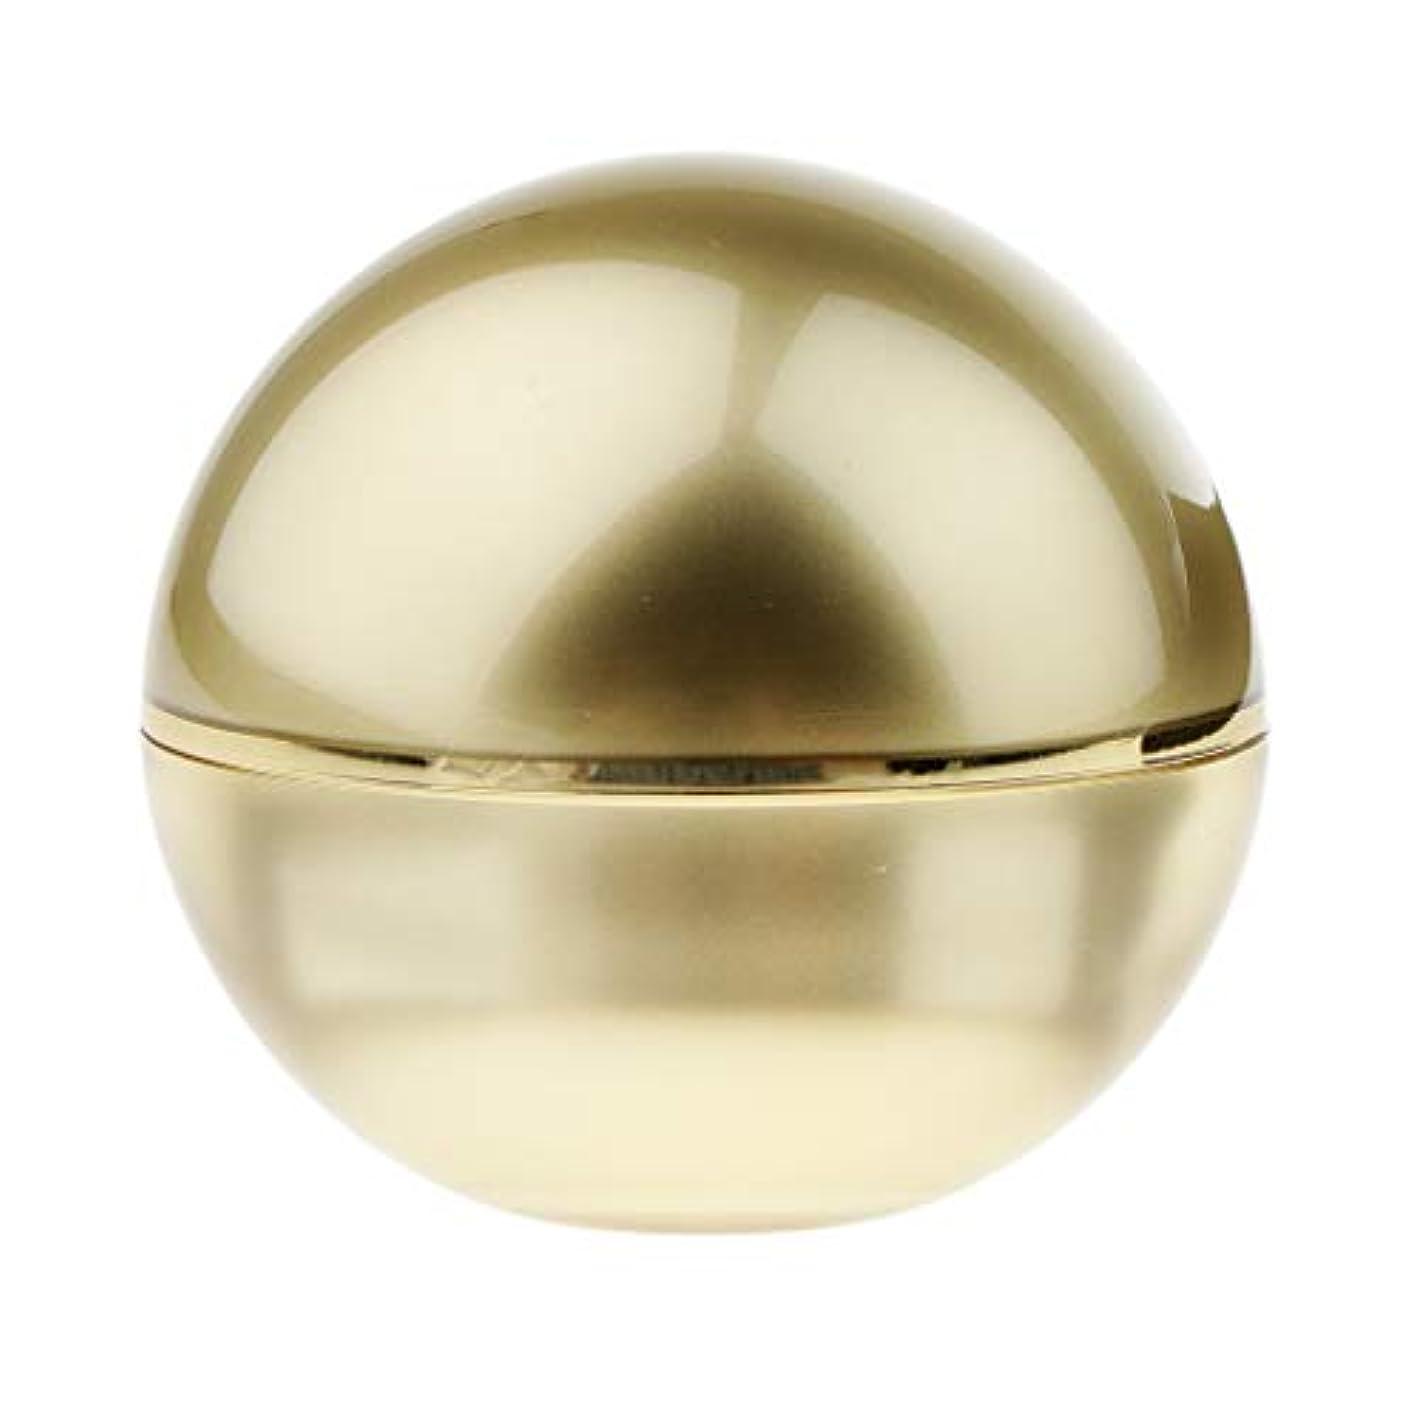 地味な透明にさわやかPerfeclan 化粧品容器 ボール型 化粧品 容器 メーキャップ クリームジャー ゴールド 3サイズ選べ - 30g